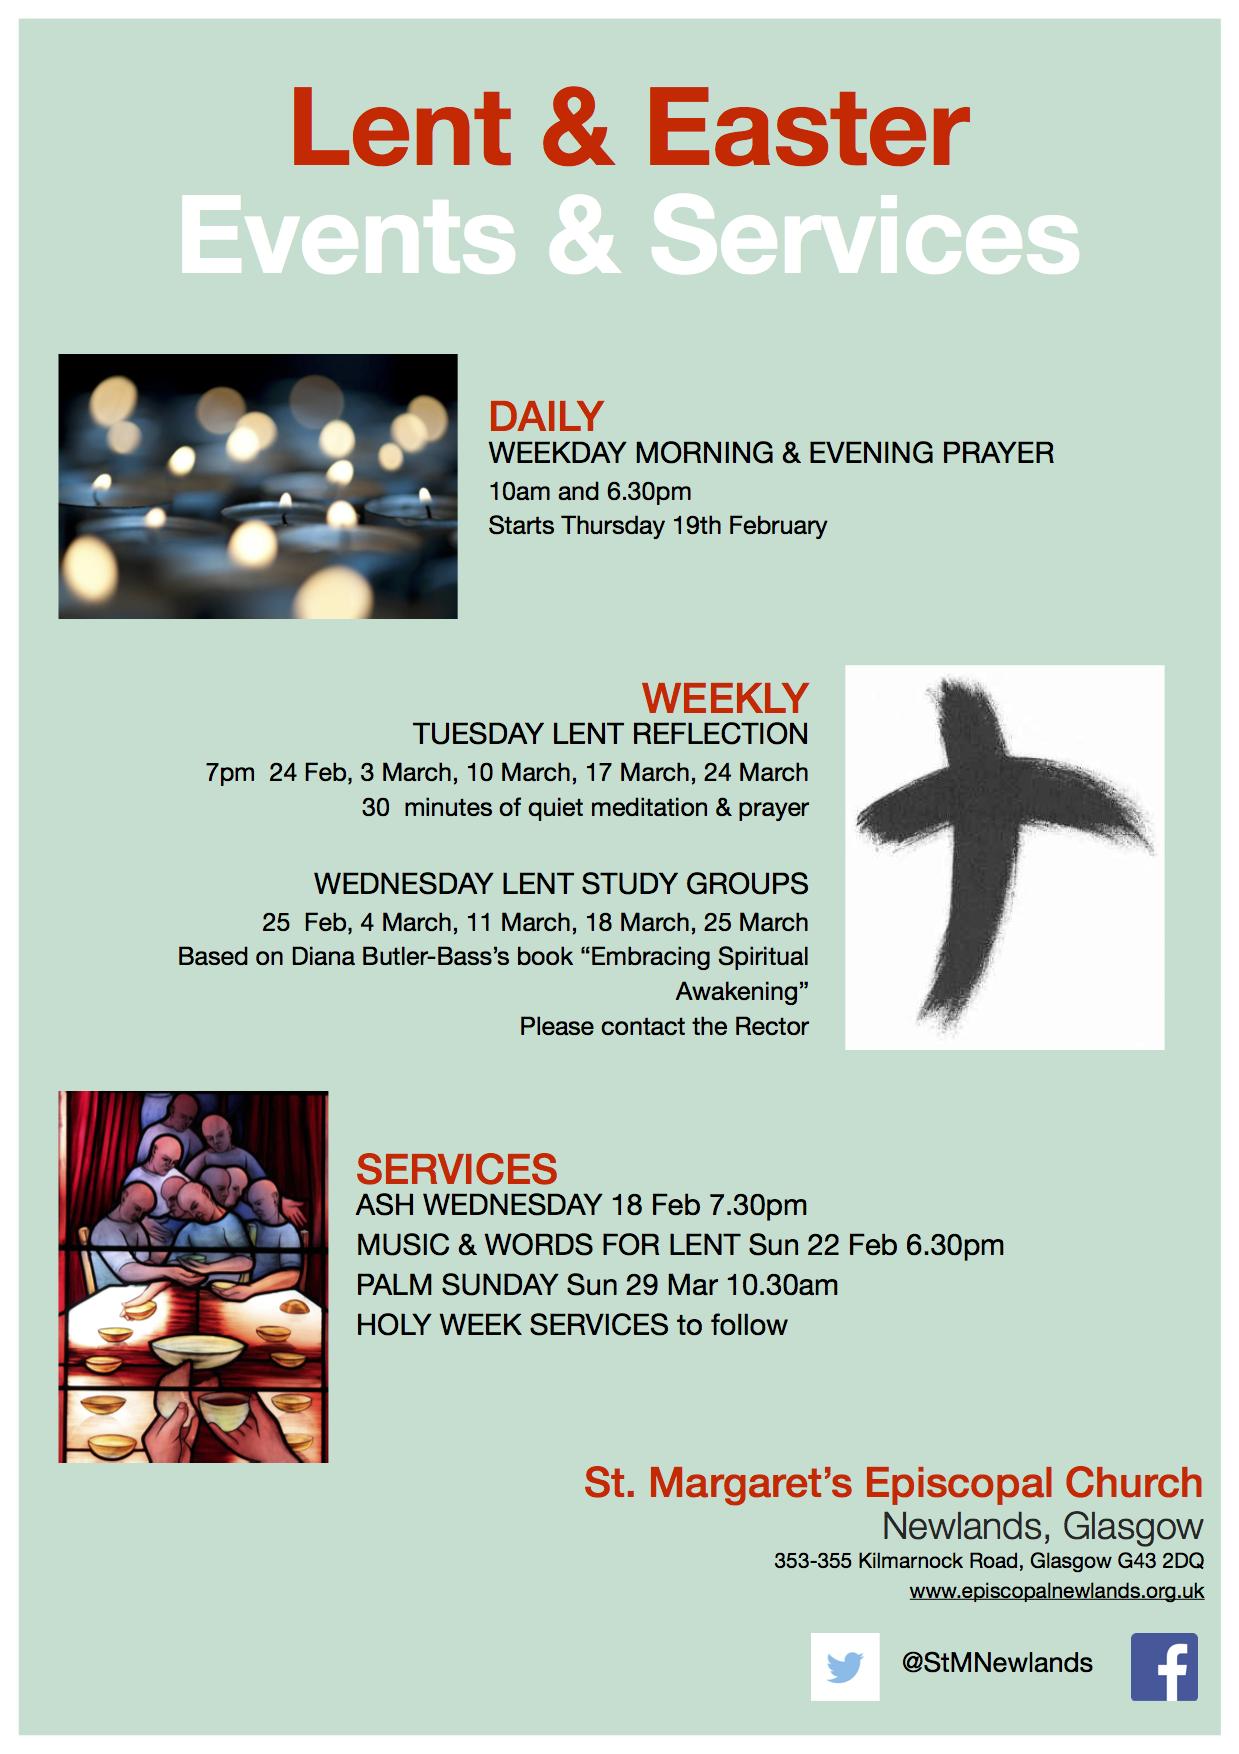 2015 SMSEC Lent & Easter Events Flyer PNG